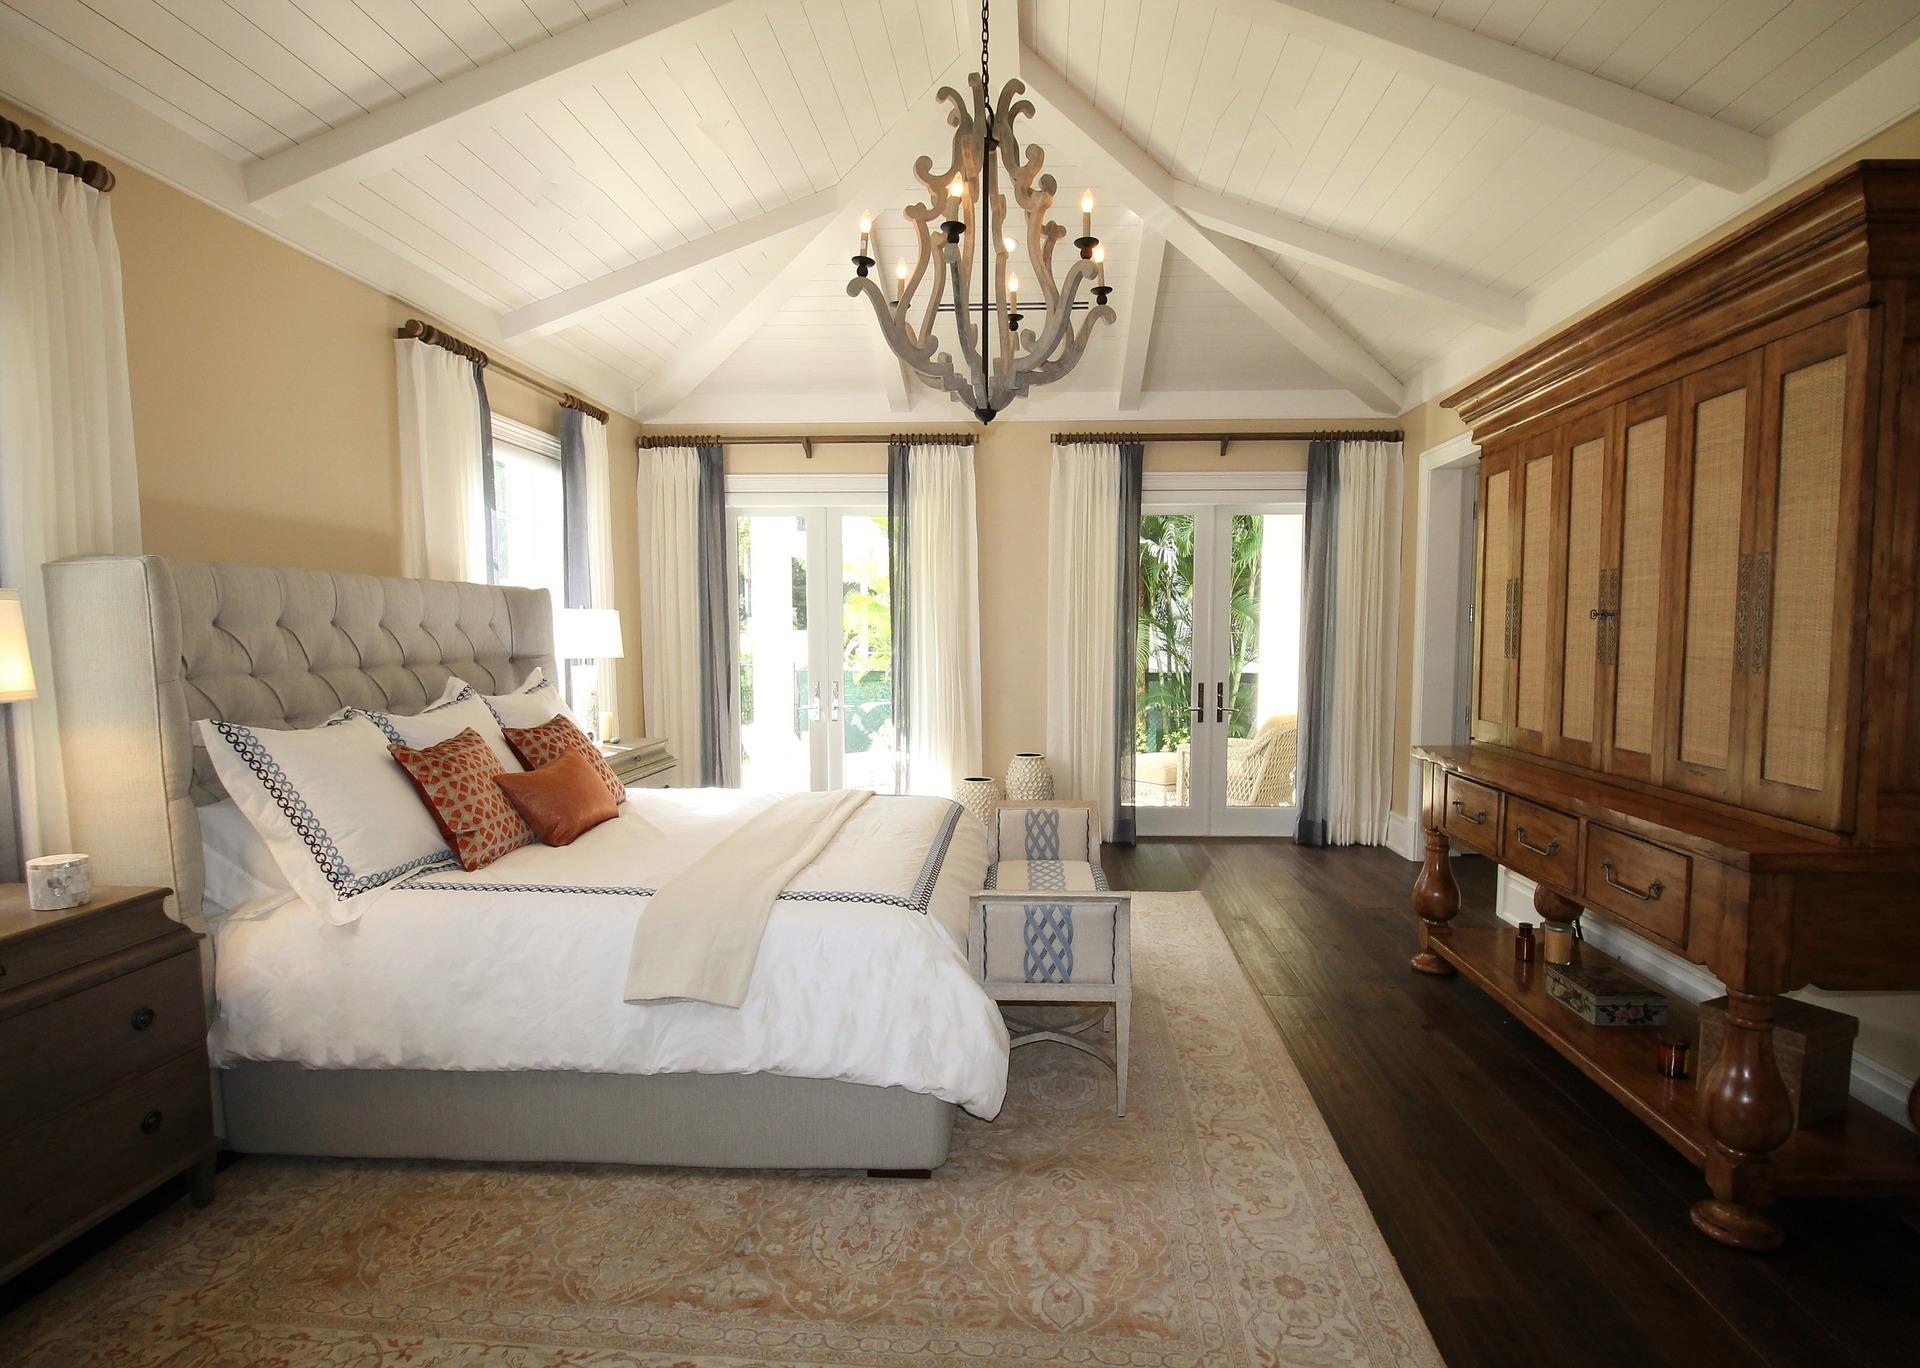 חדר שינה בסגנון קלאסי